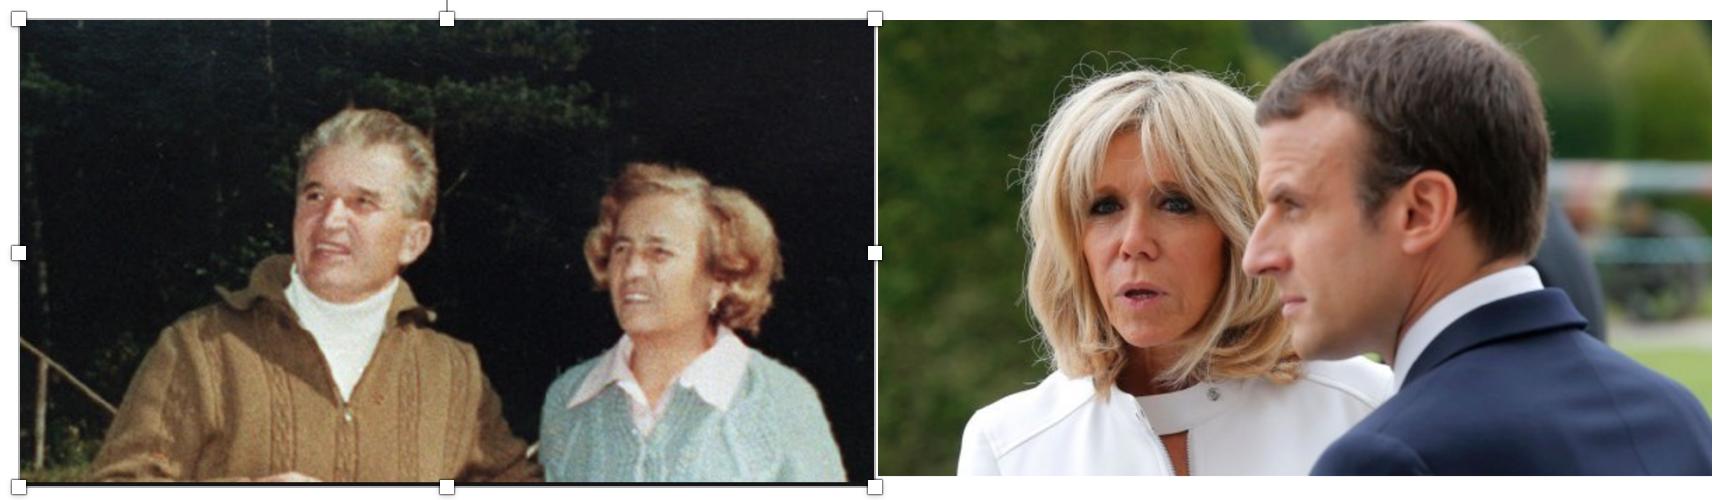 6 heures de garde-à-vue pour avoir photographié le couple Macron-Ceaucescu